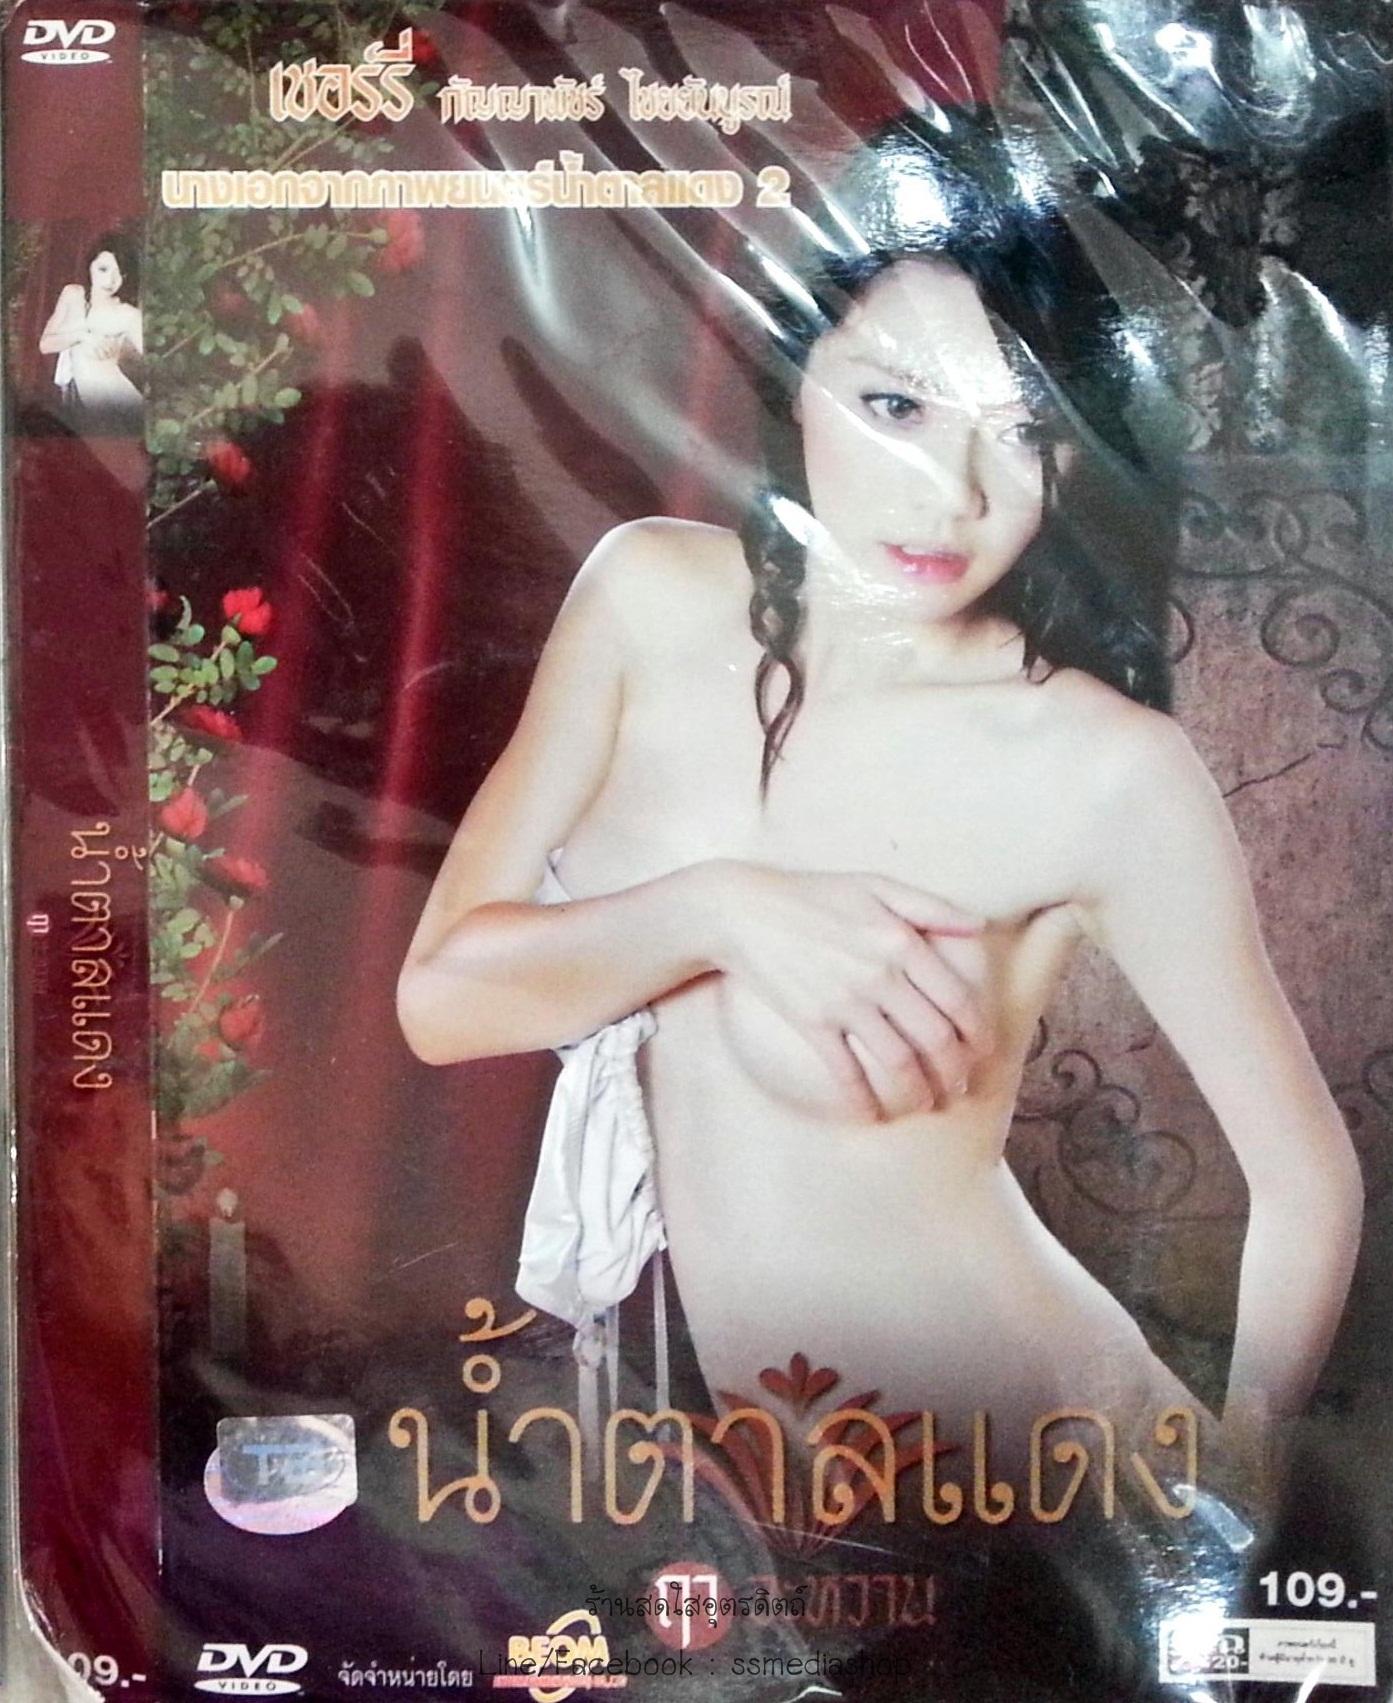 DVD หนังอิโรติค เรื่องน้ำตาลแดงฤาจะหวาน